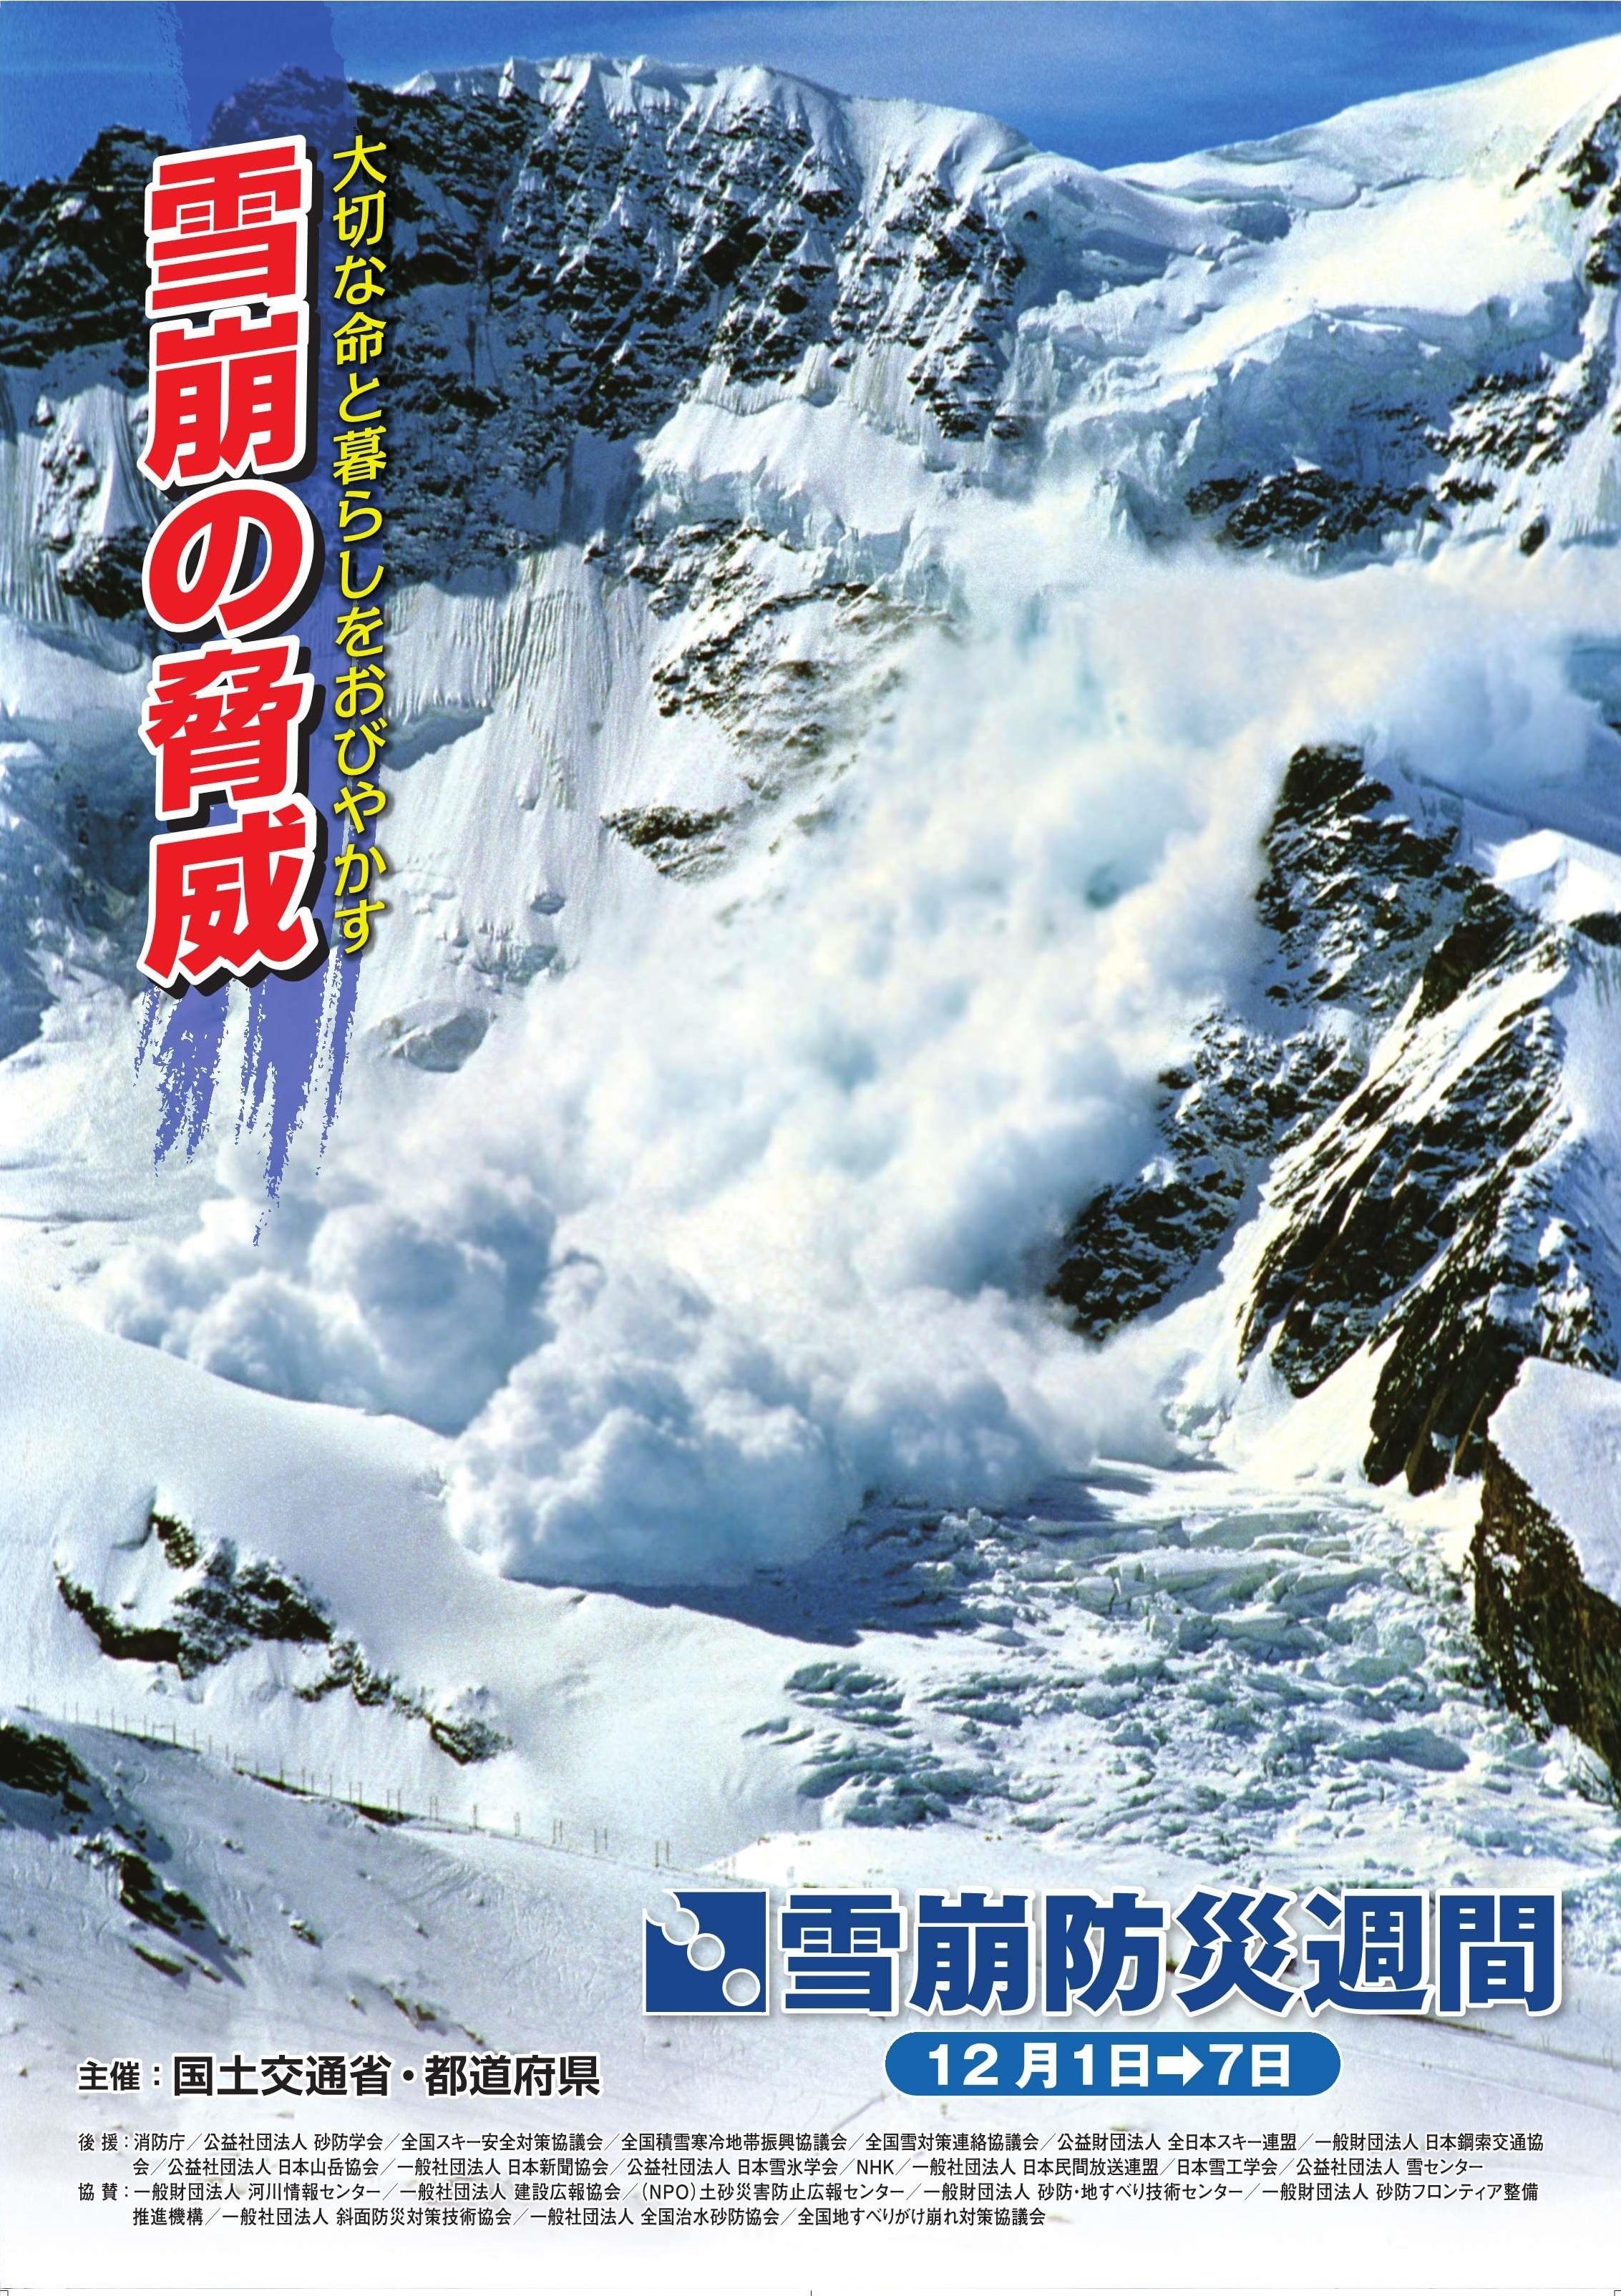 報道発表資料:雪崩防災週間(12月1日~12月7日)のお知らせ - 国土交通省